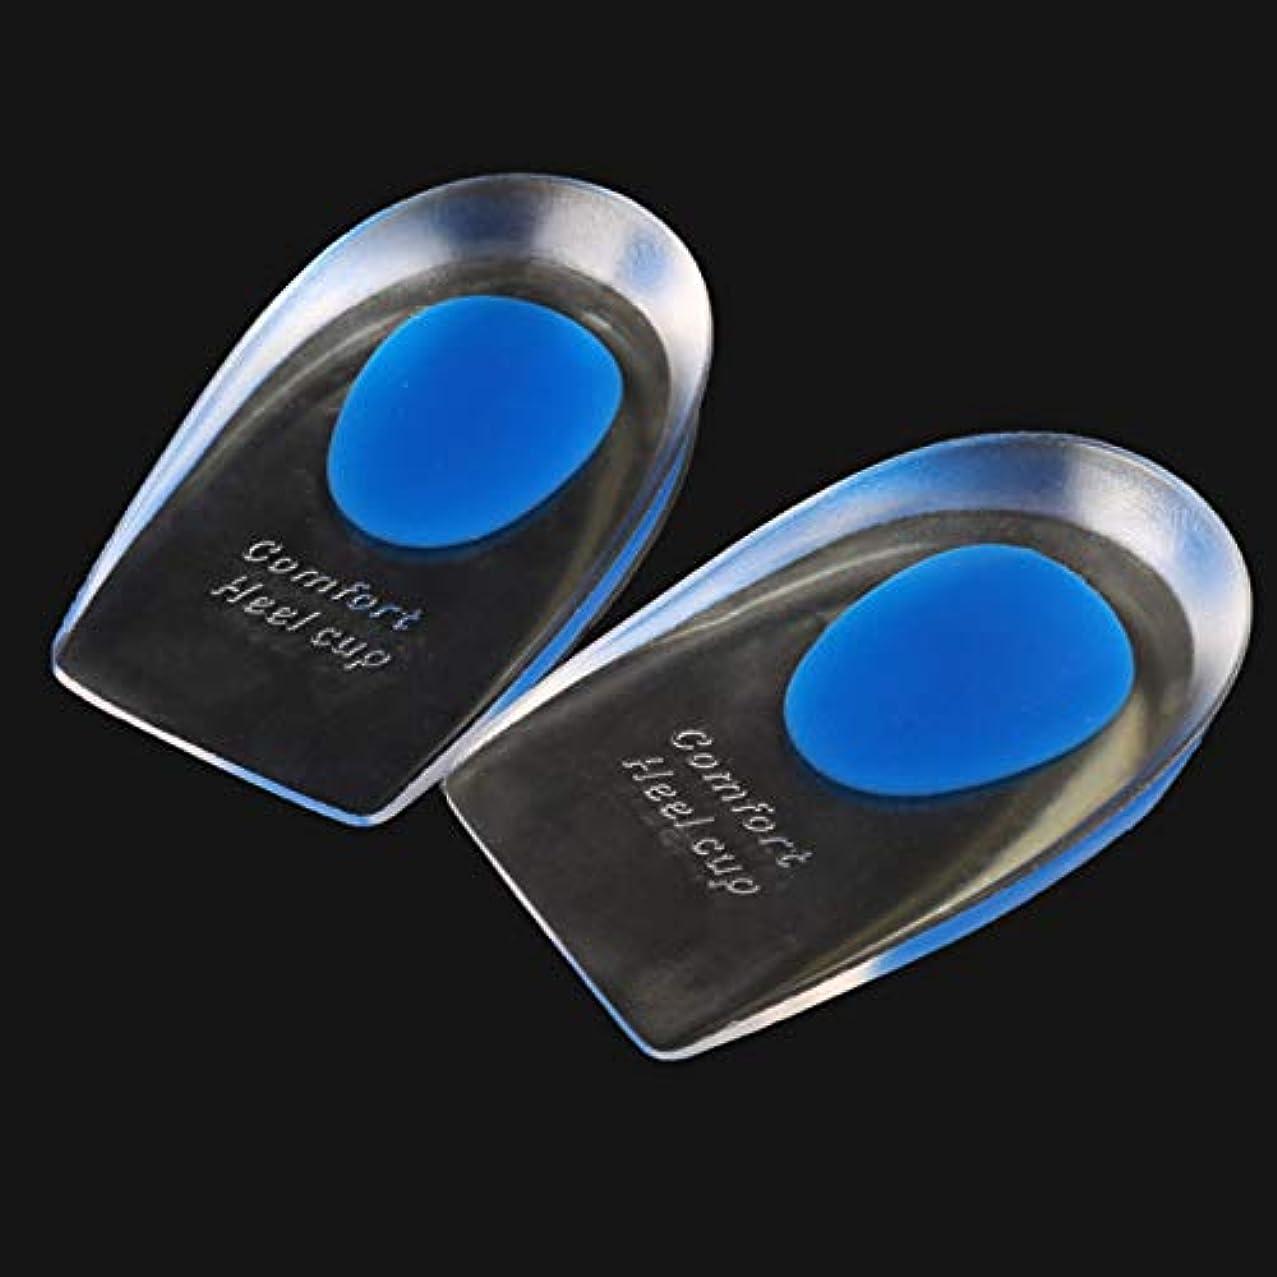 貪欲レベル黒板ヒールクッション アーチサポート 靴インソール アーチパッド フットパッド ハイヒール 靴パッド シューズ(ブルー S)